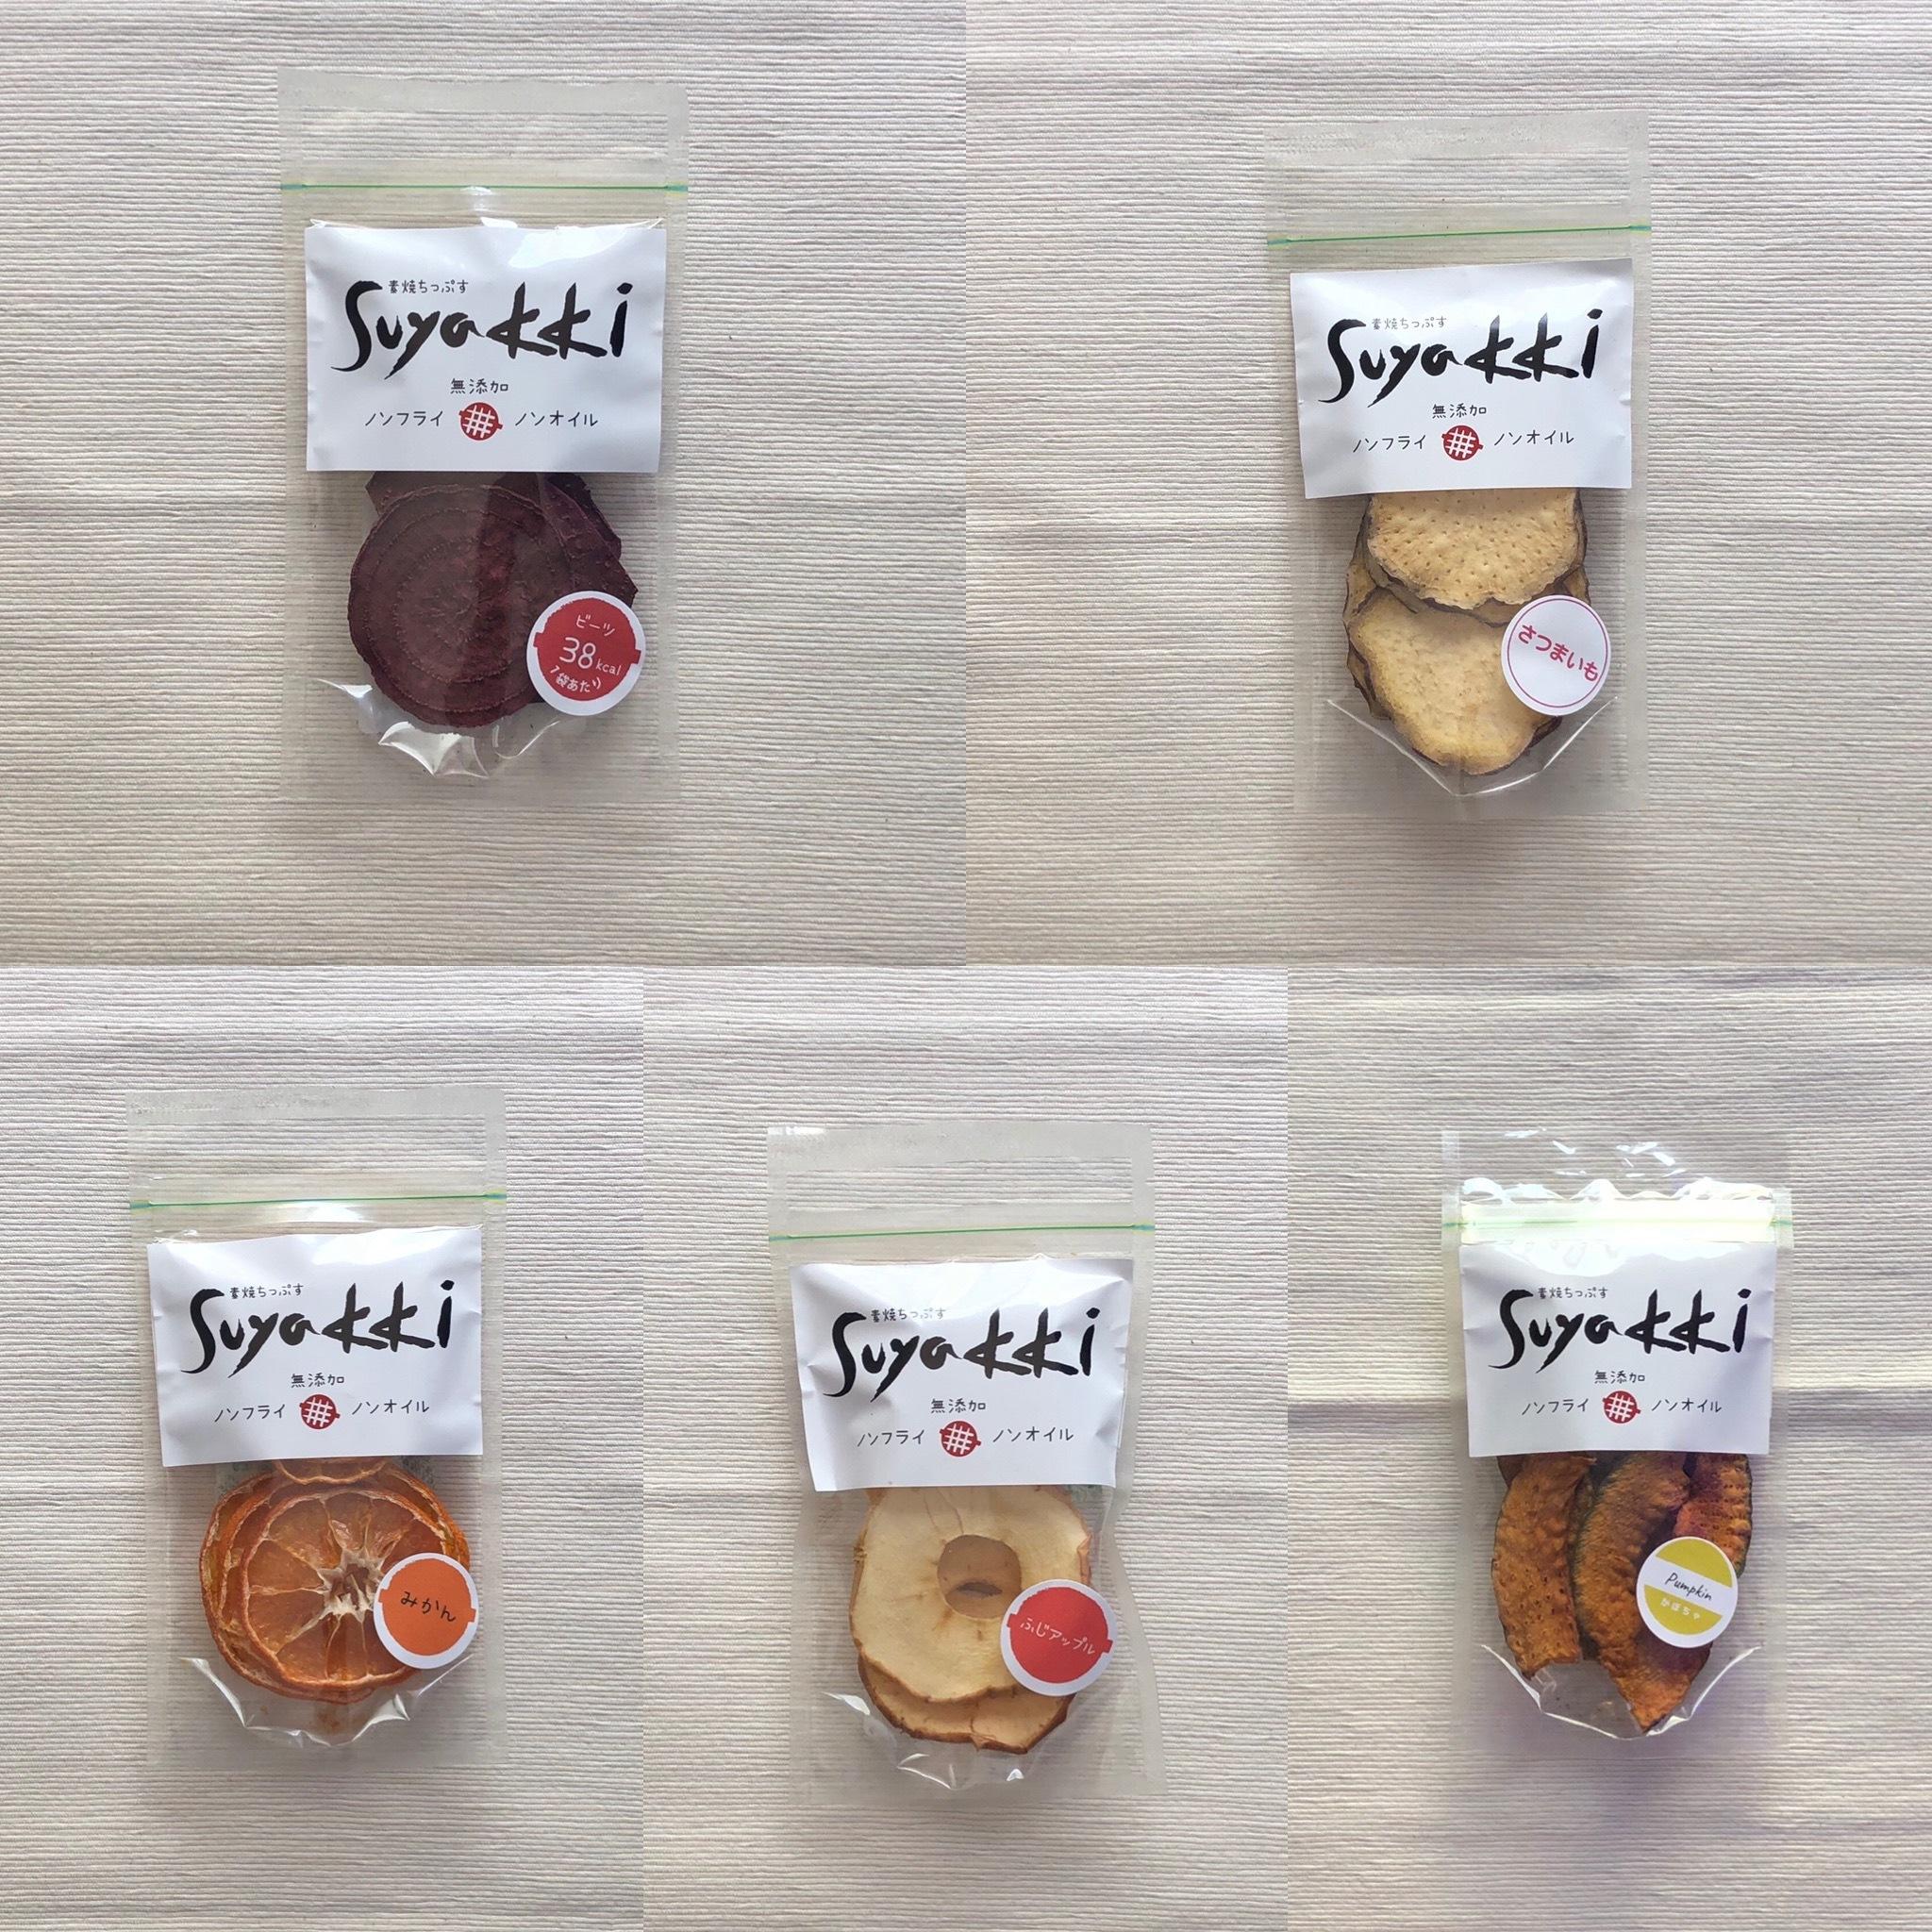 SUYAKKIミニ 単品5袋セット(ビーツ、かぼちゃ、りんご、みかん、紅はるか)